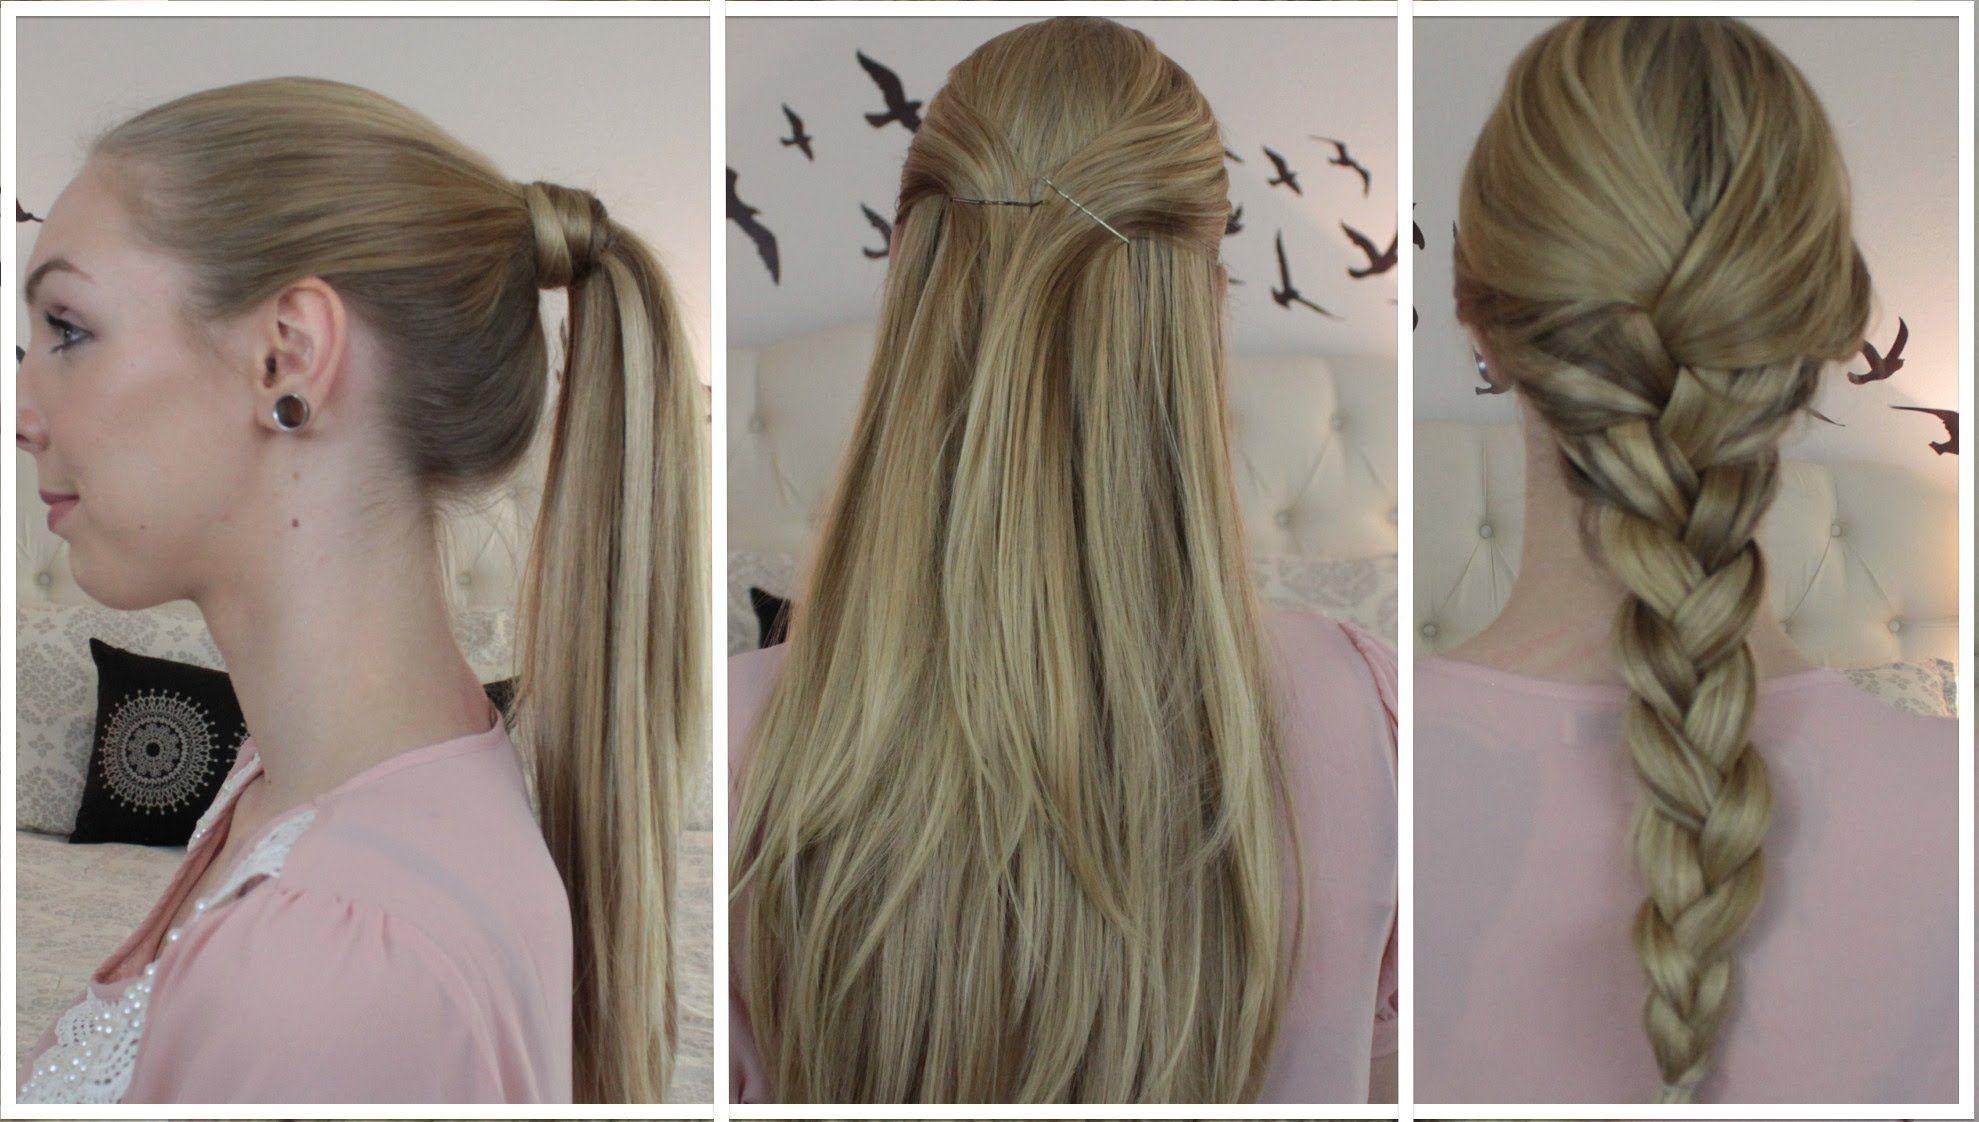 3 Coiffures Basics Avec Extensions Extension De Cheveux Naturel Produits Capillaires Extension Cheveux